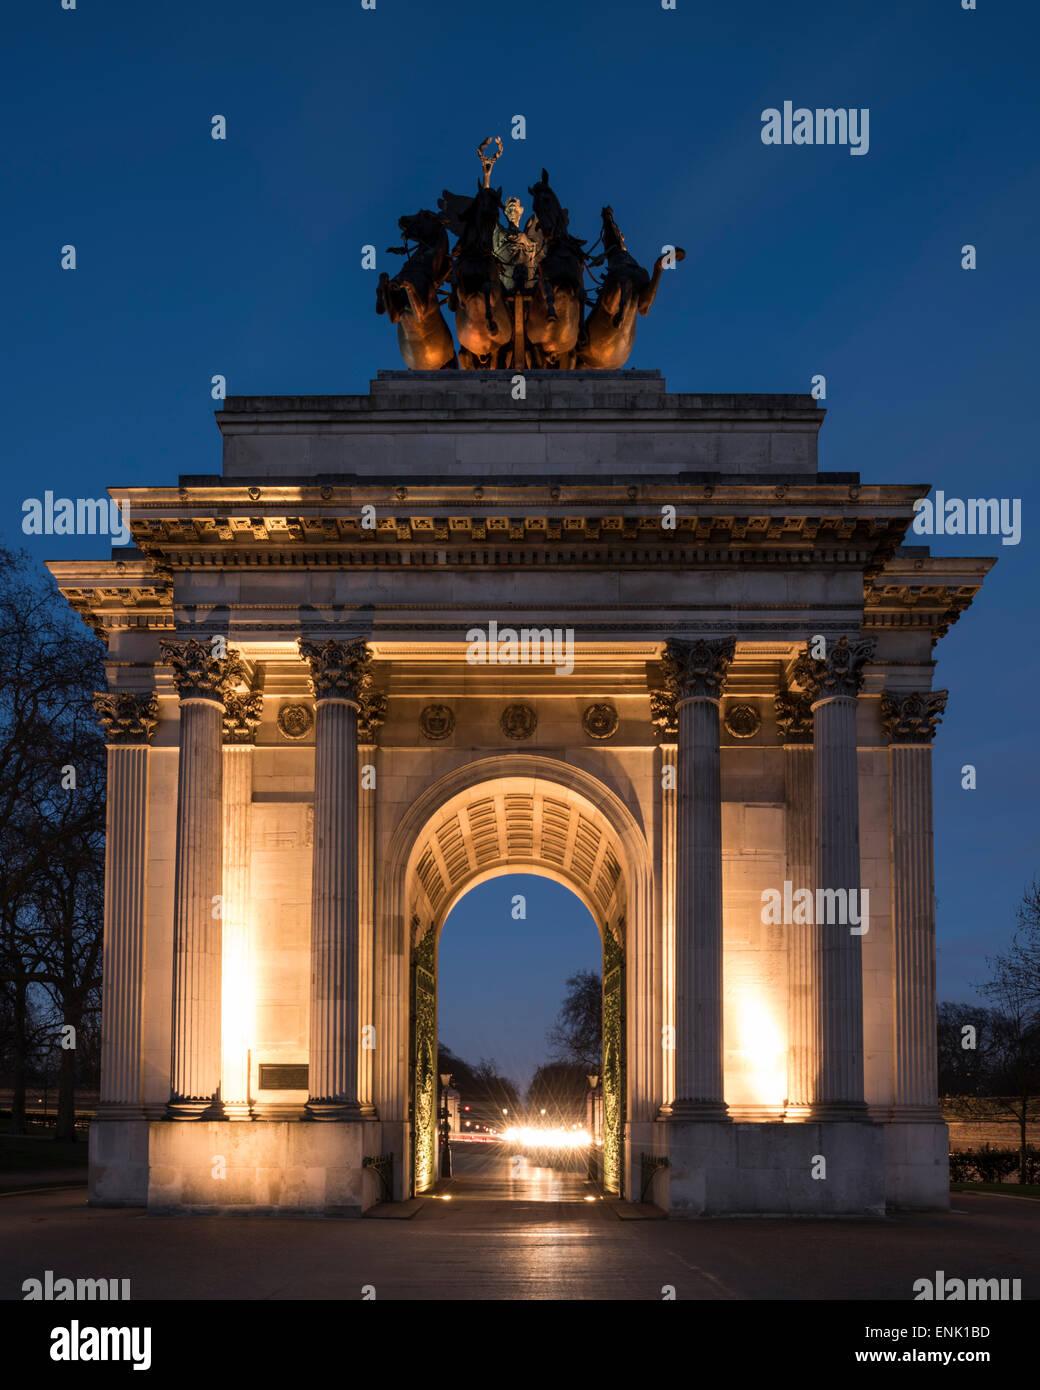 Außenseite des Wellington Arch in der Nacht, Hyde Park Corner, London, England, Vereinigtes Königreich, Stockbild